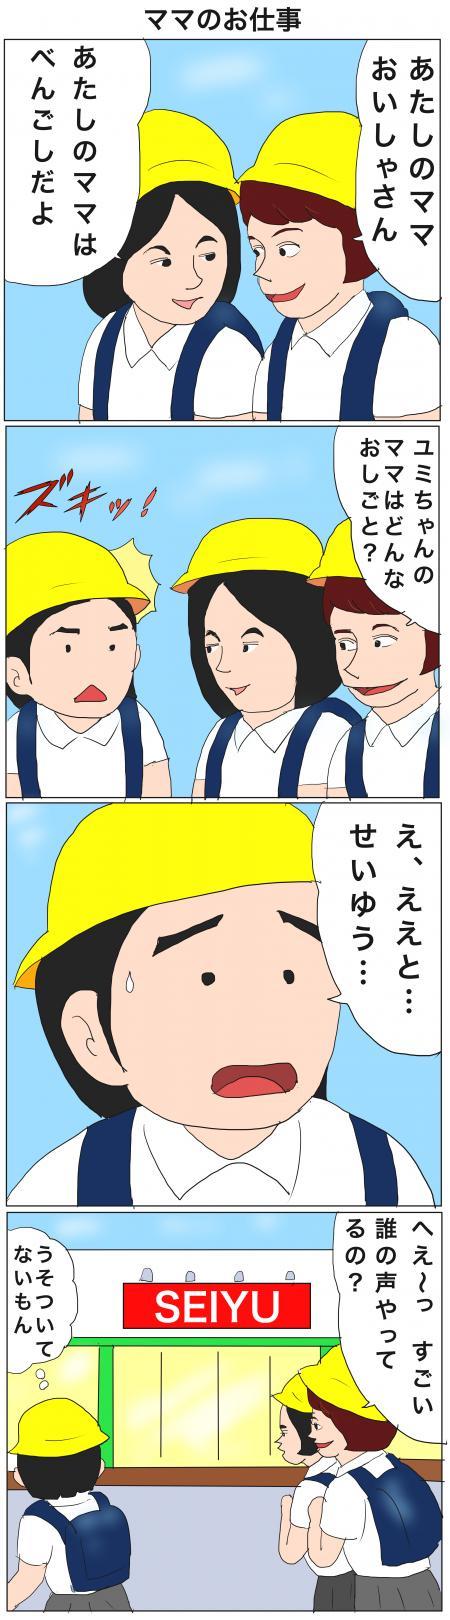 ママのお仕事+のコピー_convert_20141123210726